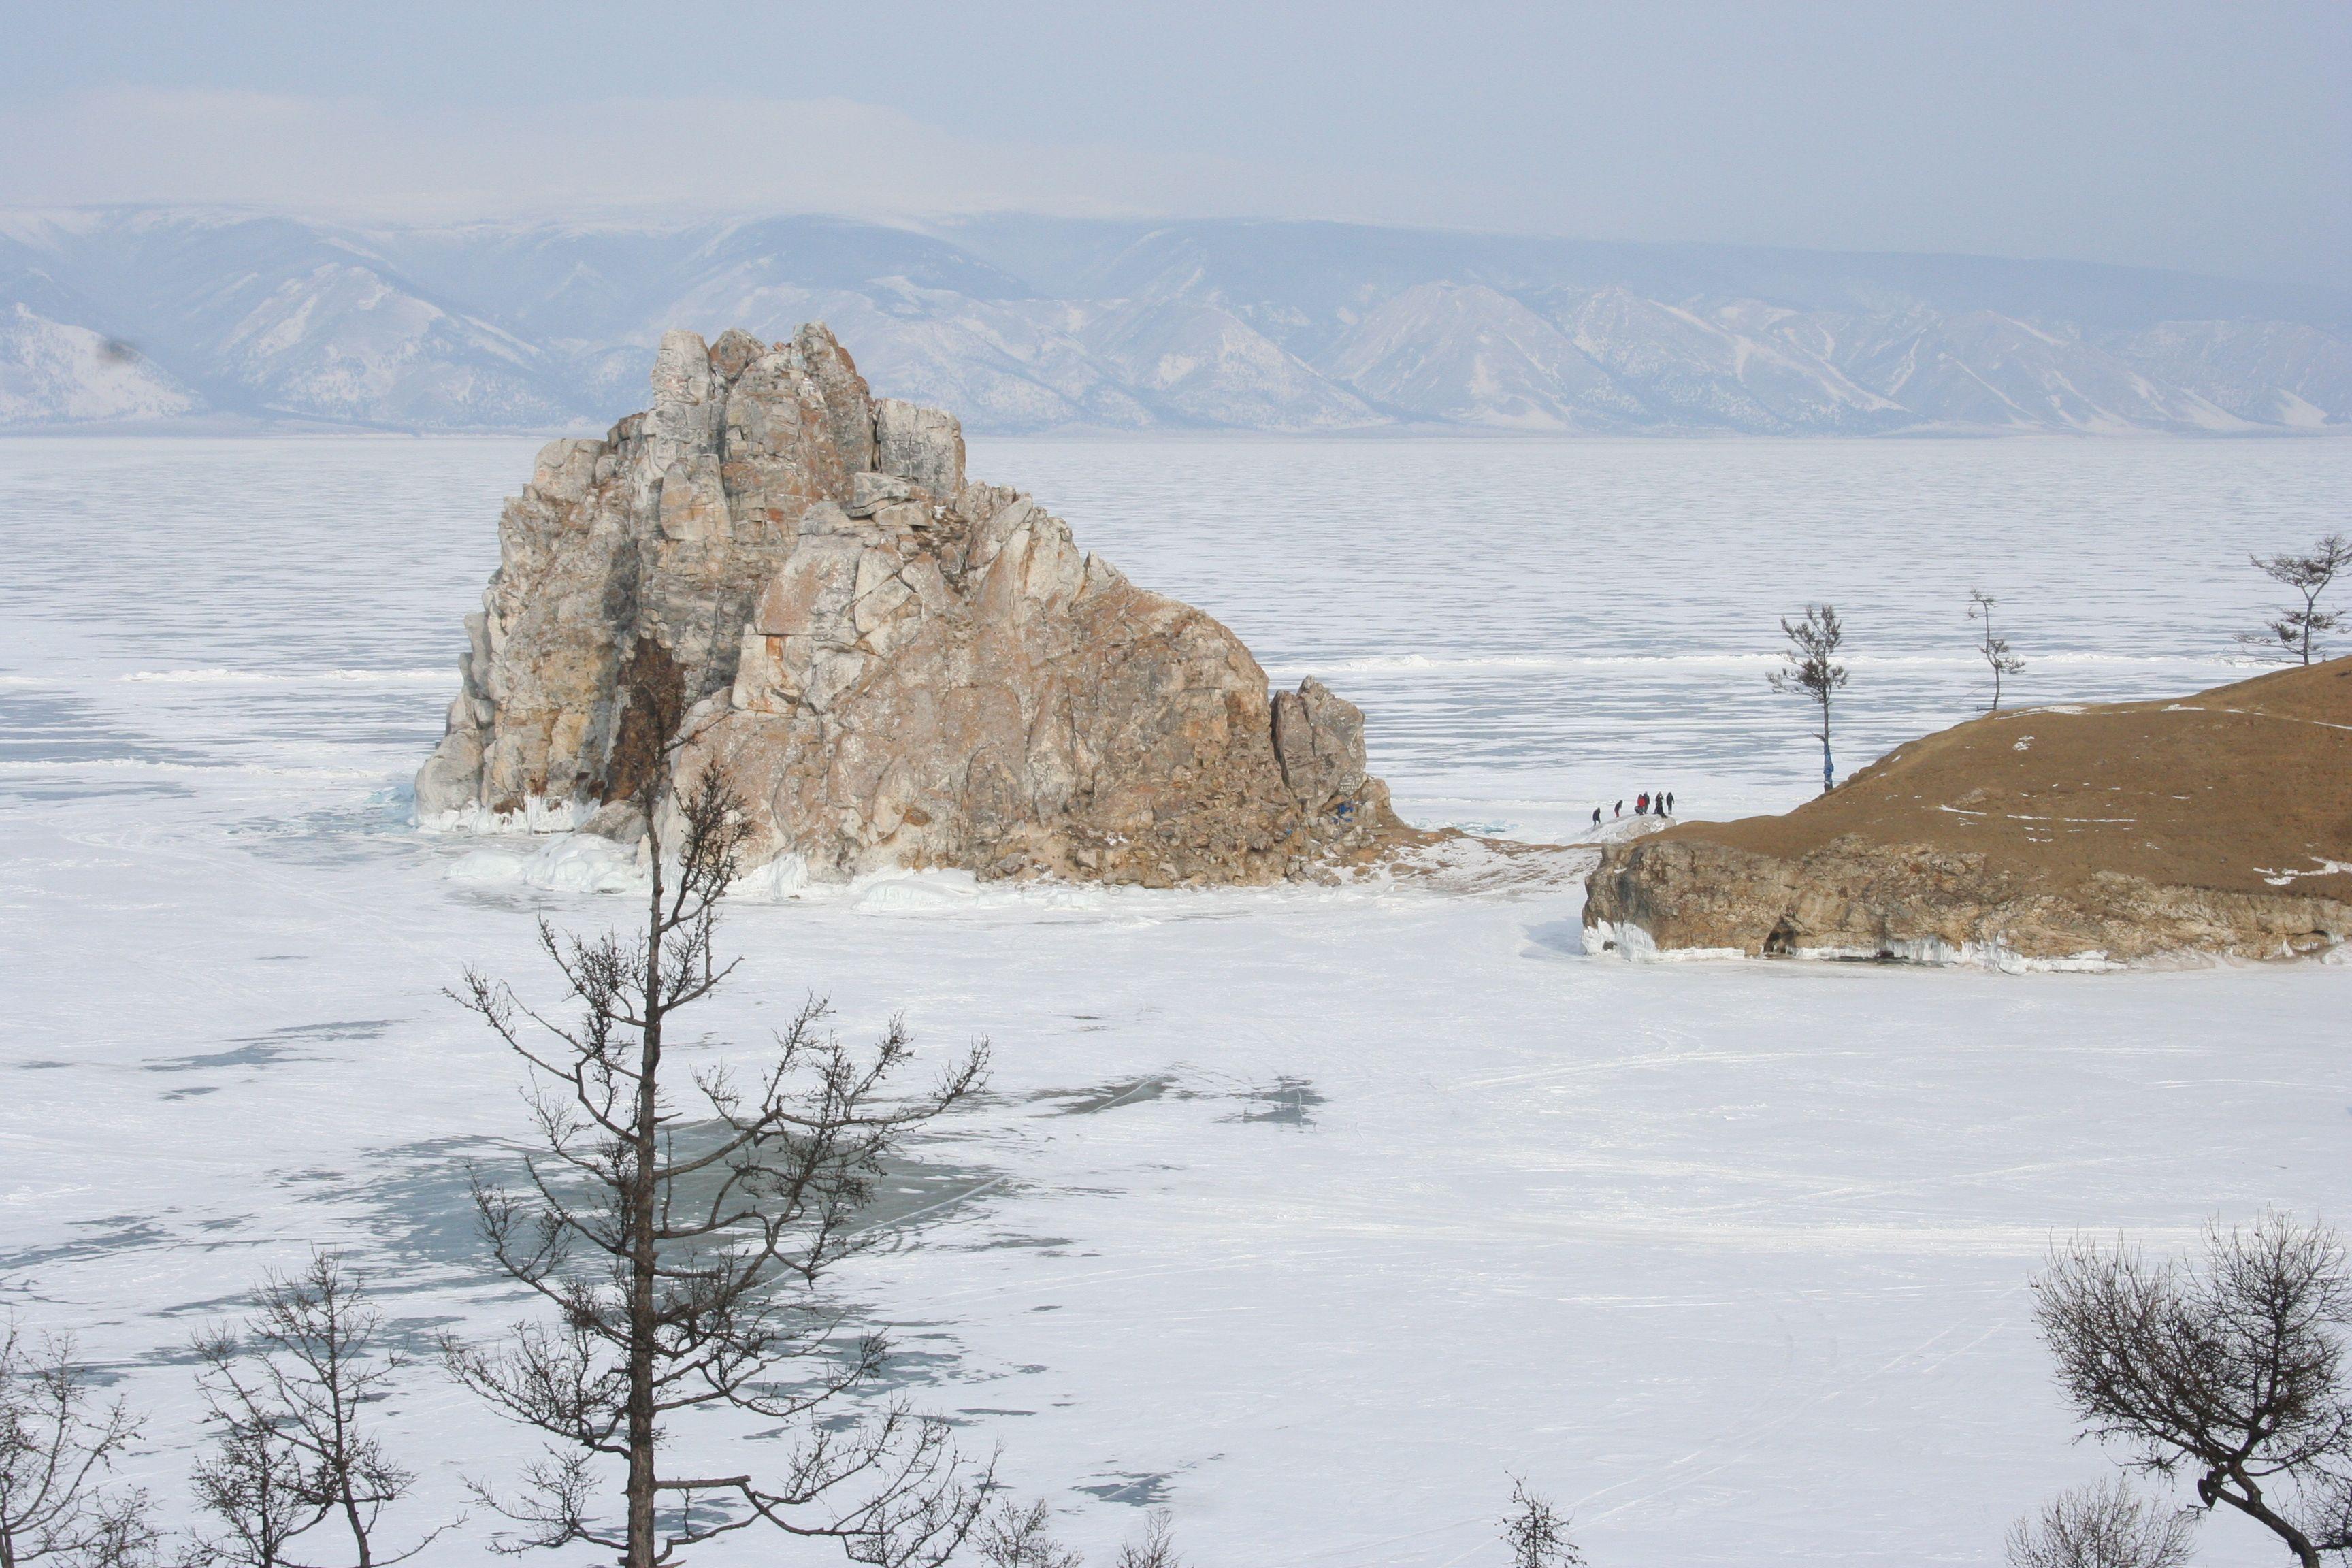 le rocher du shaman